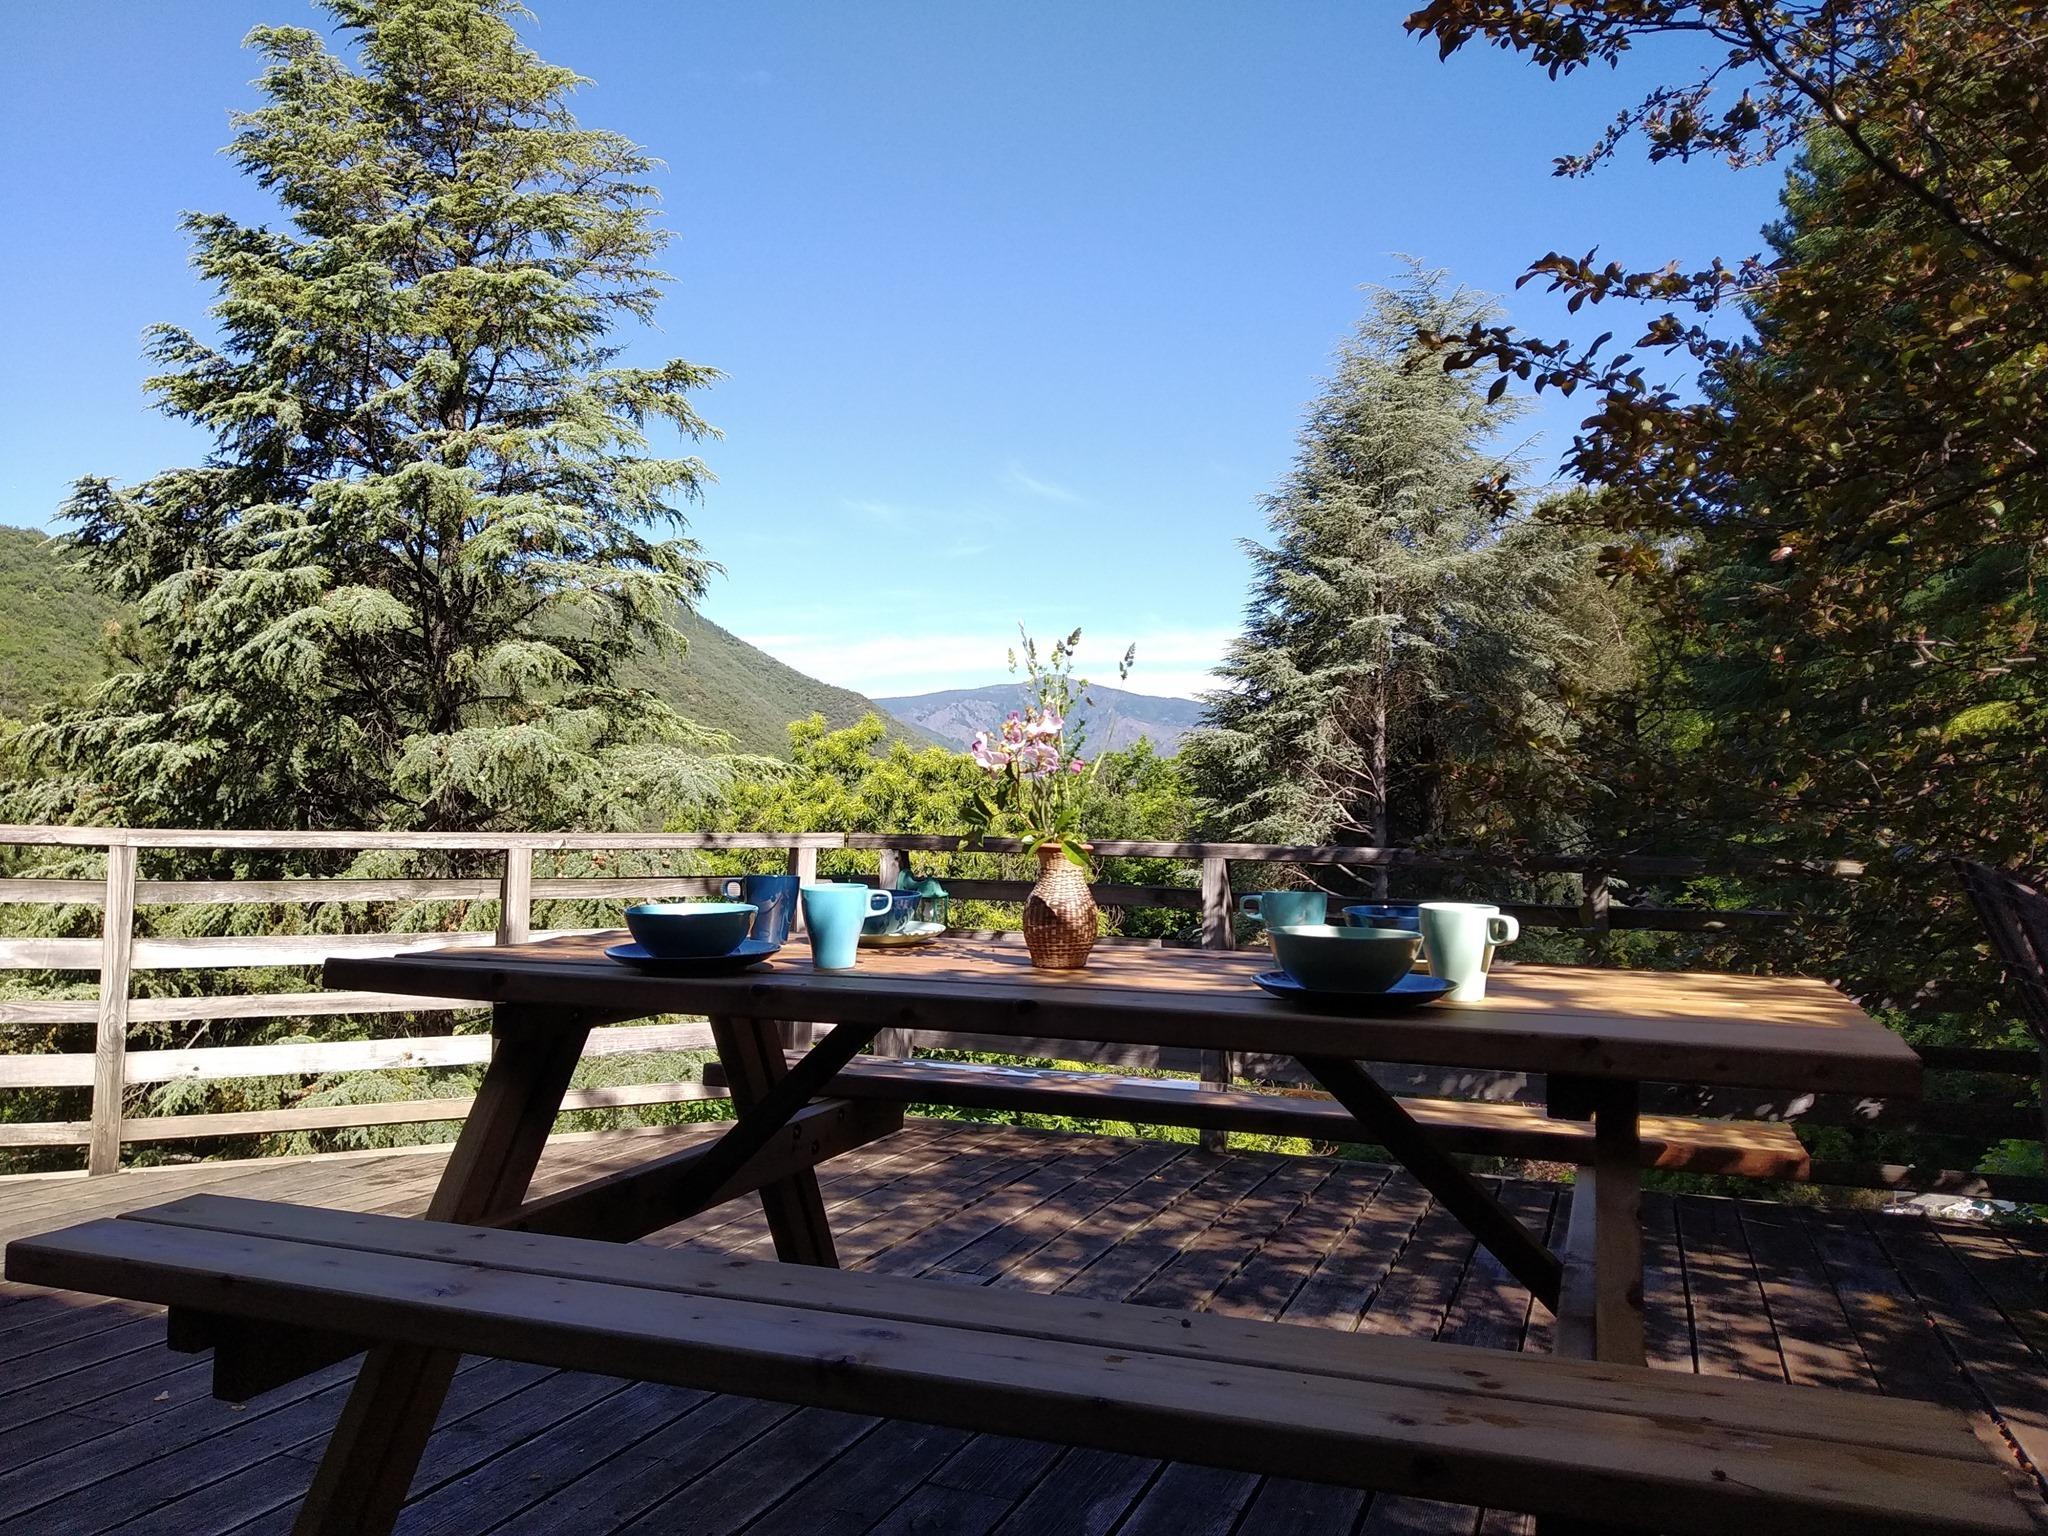 NaturoVida 30 - Petit déjeuner avec vue sur le Mont Aigoual - Chambres d'hôtes Pura Vida à Valleraug